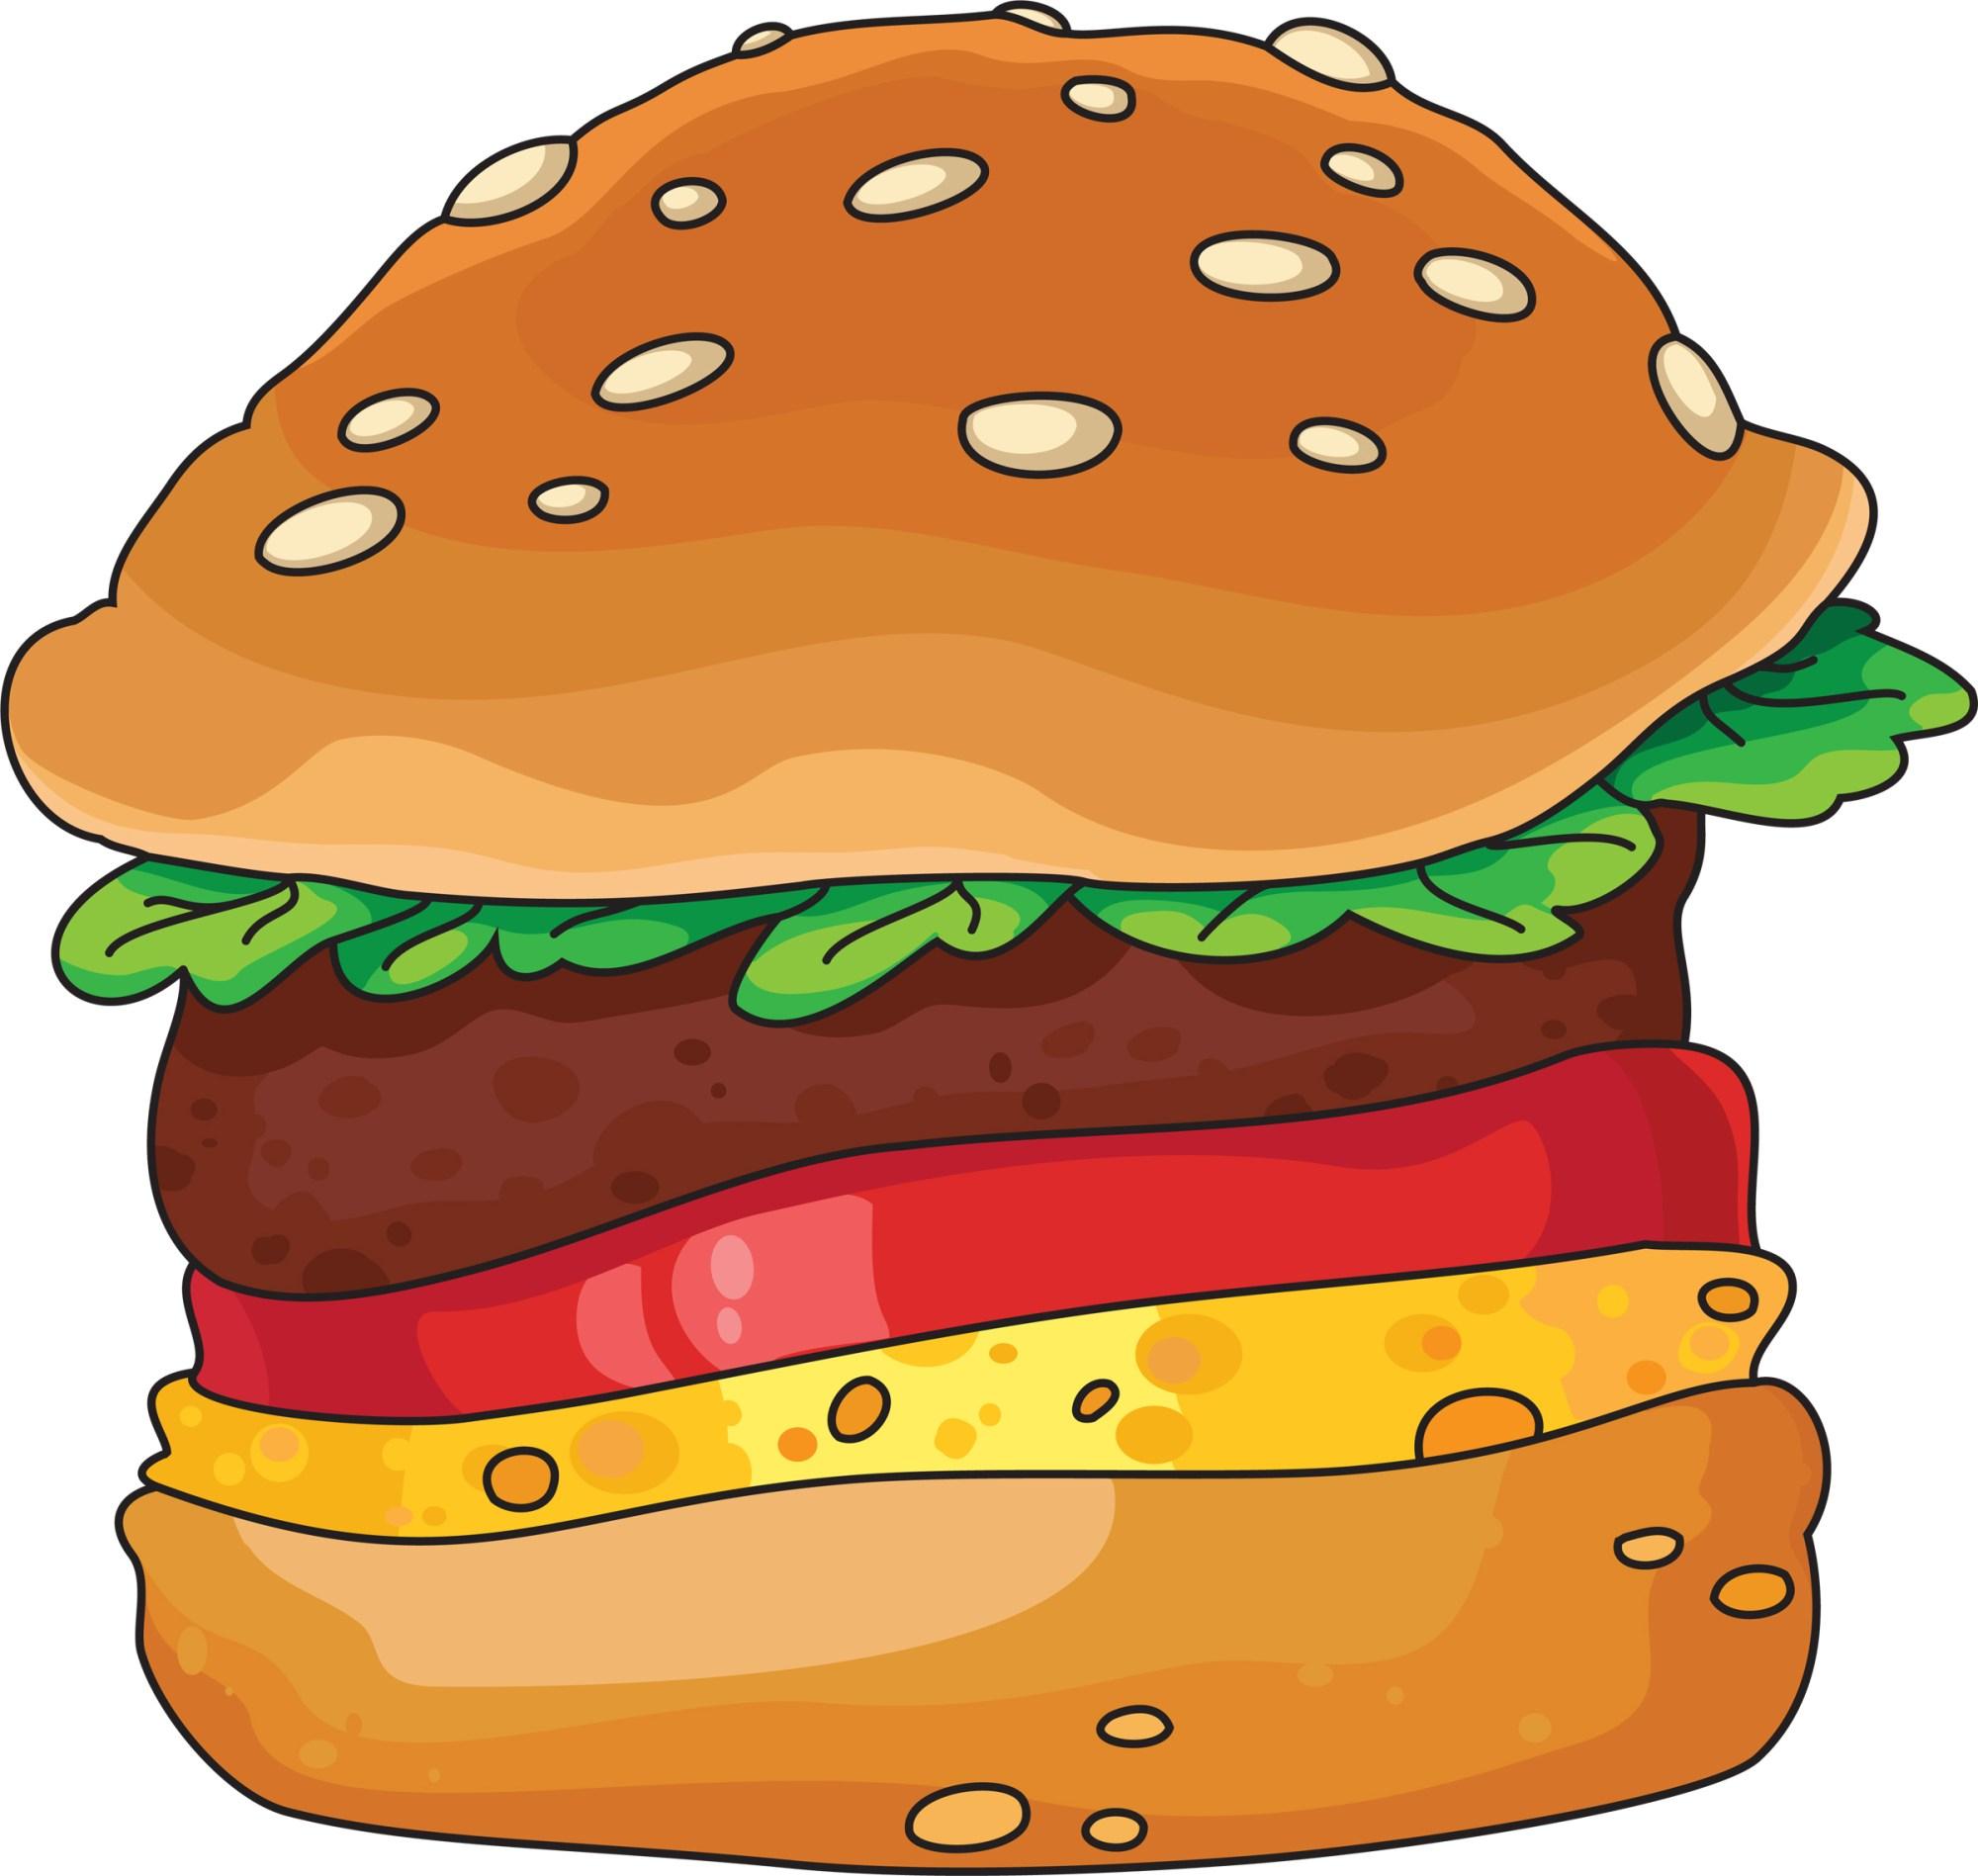 hight resolution of hamburger cartoon clip art 3 image